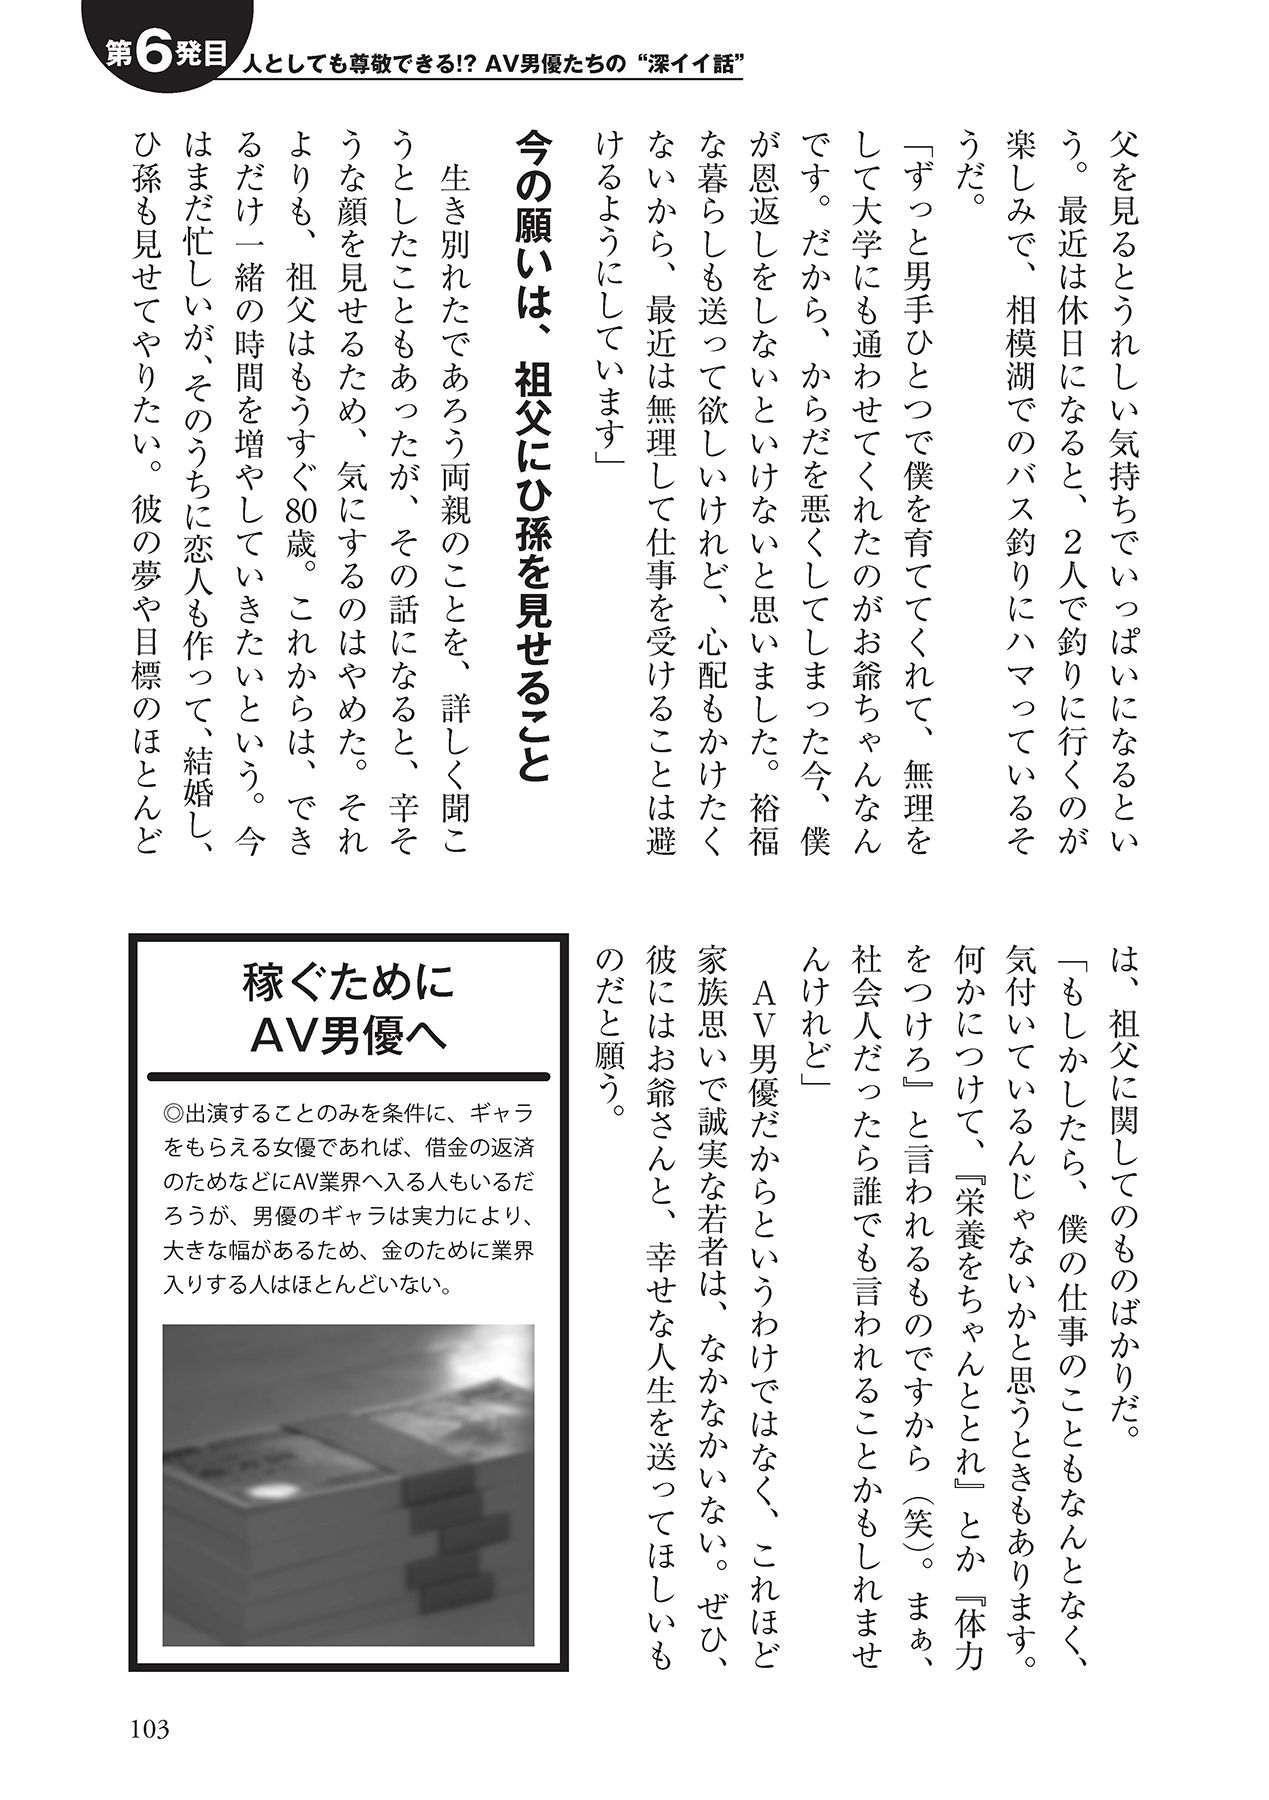 AV男優になろう! イラスト版 ヤリすぎッ! 102